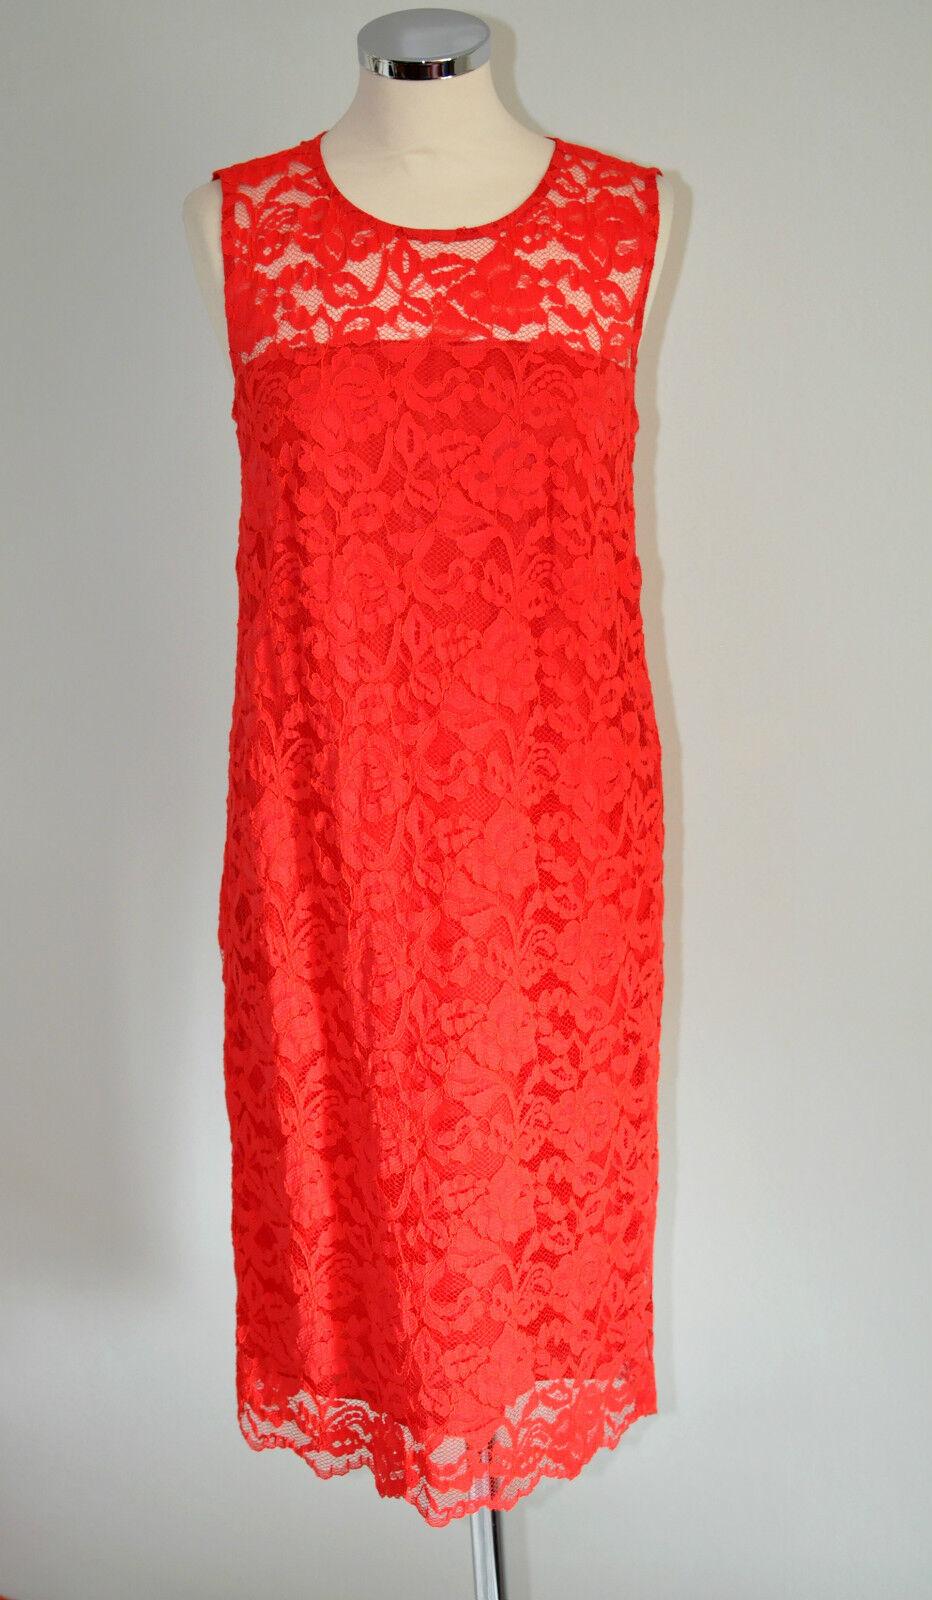 7633901725f0d8 Minx Gr 38 Etuikleid Cocktailkleid Kleid PONG50 Rot NEU Spitze aus ...